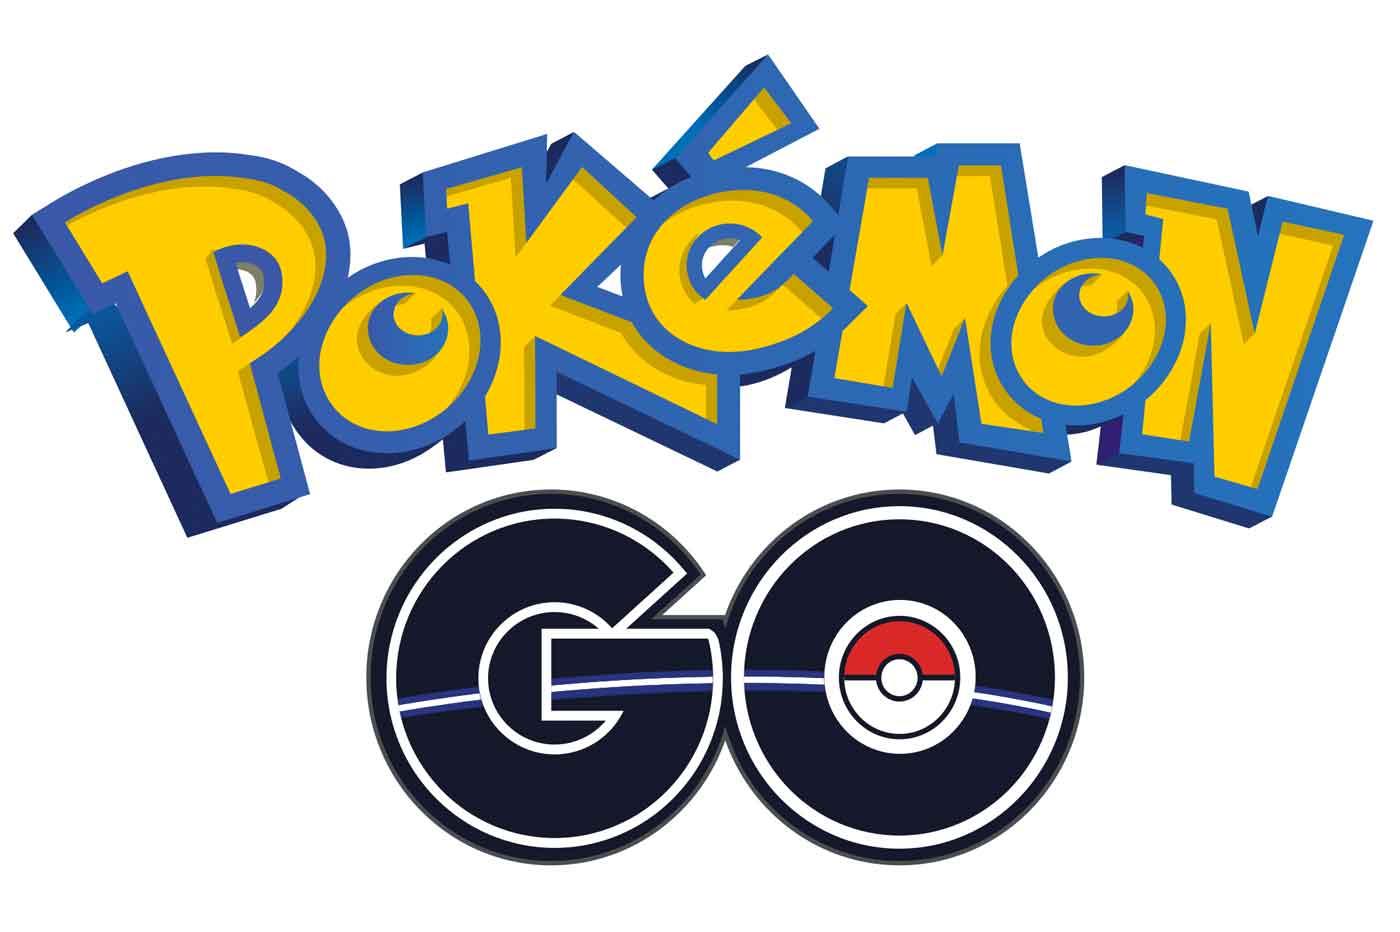 Pokémon Go : les revenus grimpent jusqu'à 80 millions de dollars en novembre 2018